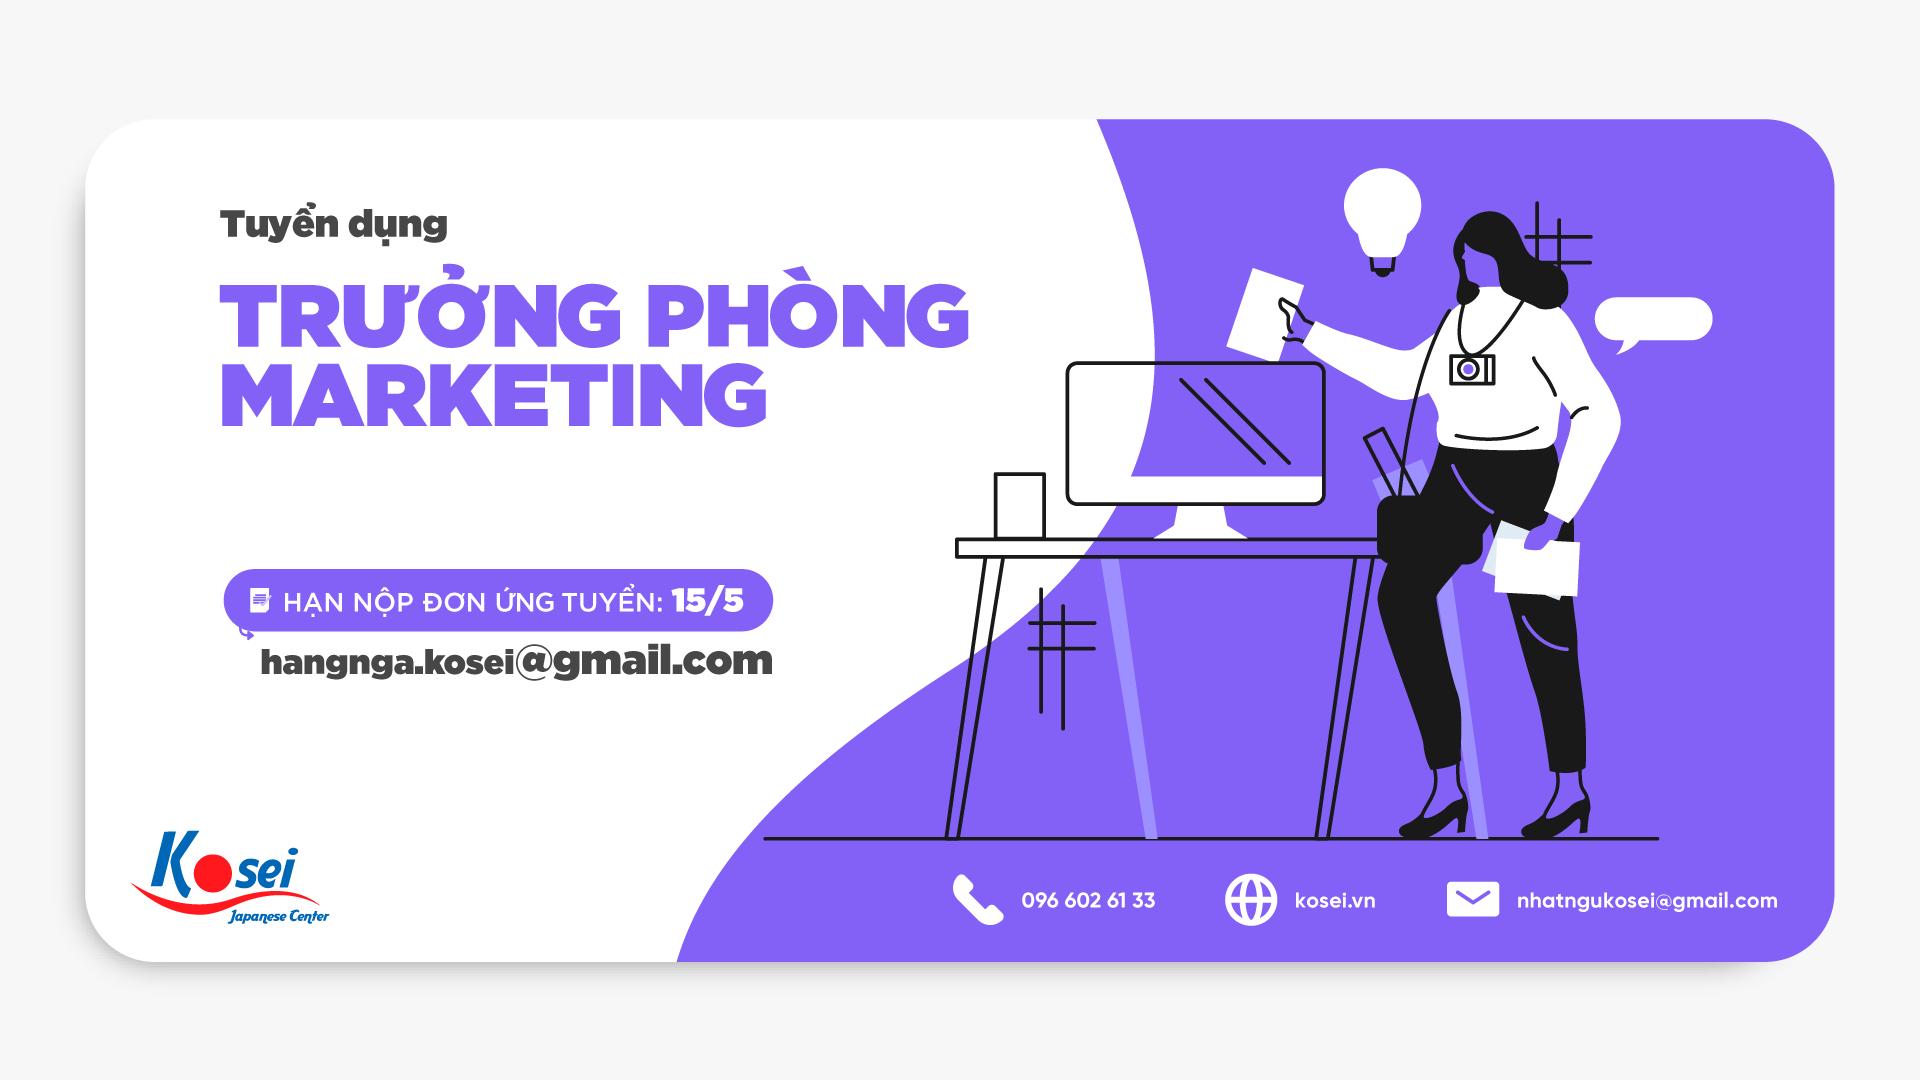 https://kosei.vn/kosei-tuyen-dung-truong-phong-marketing-n3233.html